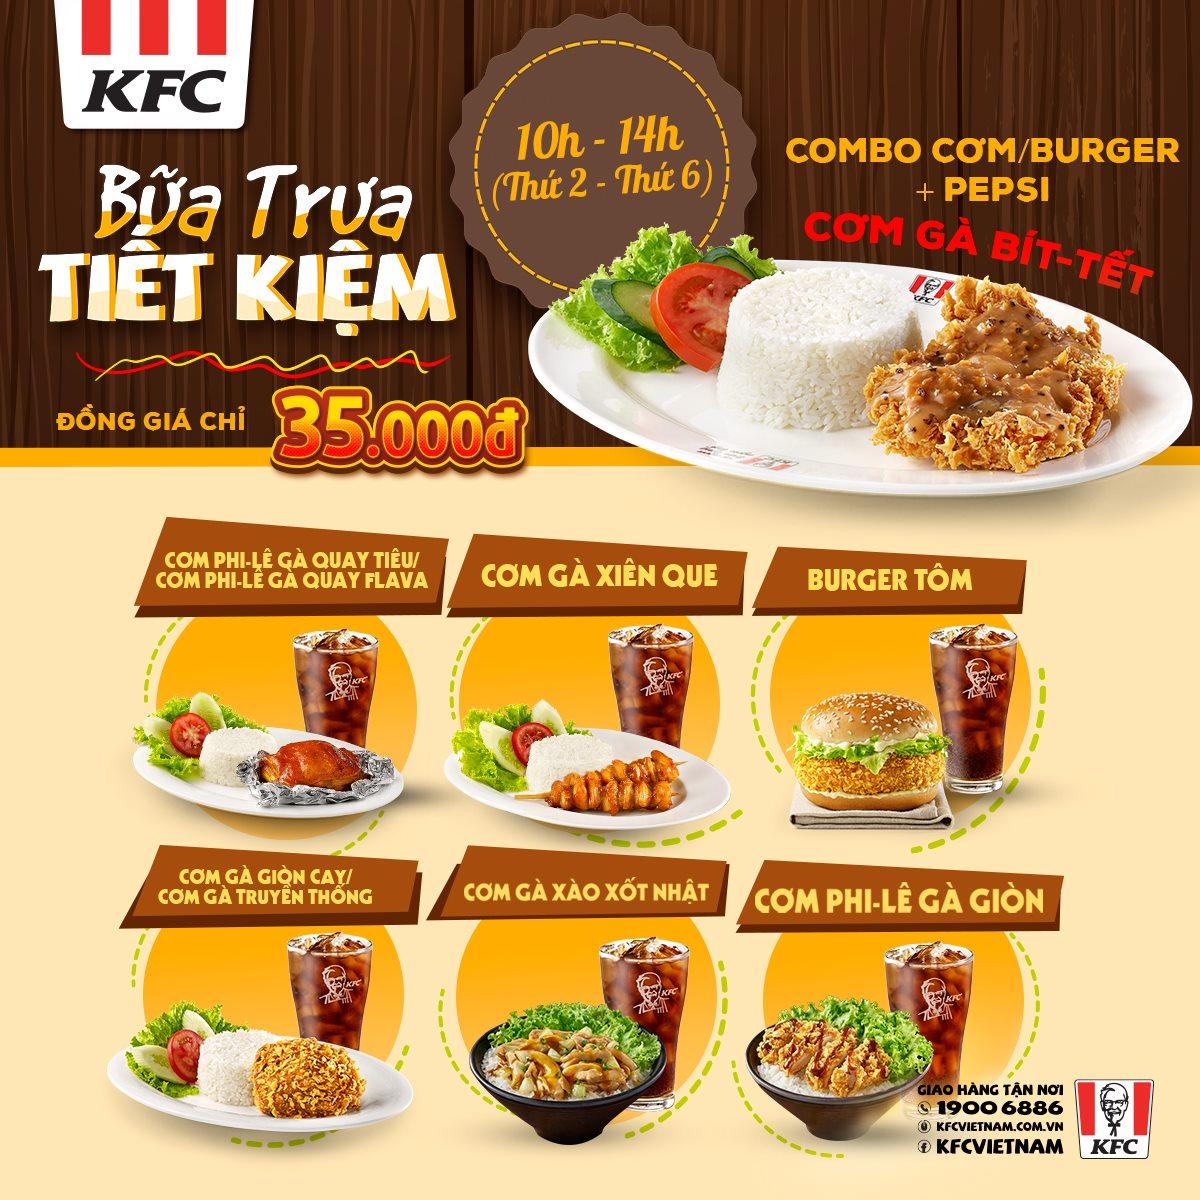 Chương trình khuyến mãi của KFC đánh vào tâm lý của khách hàng trẻ.